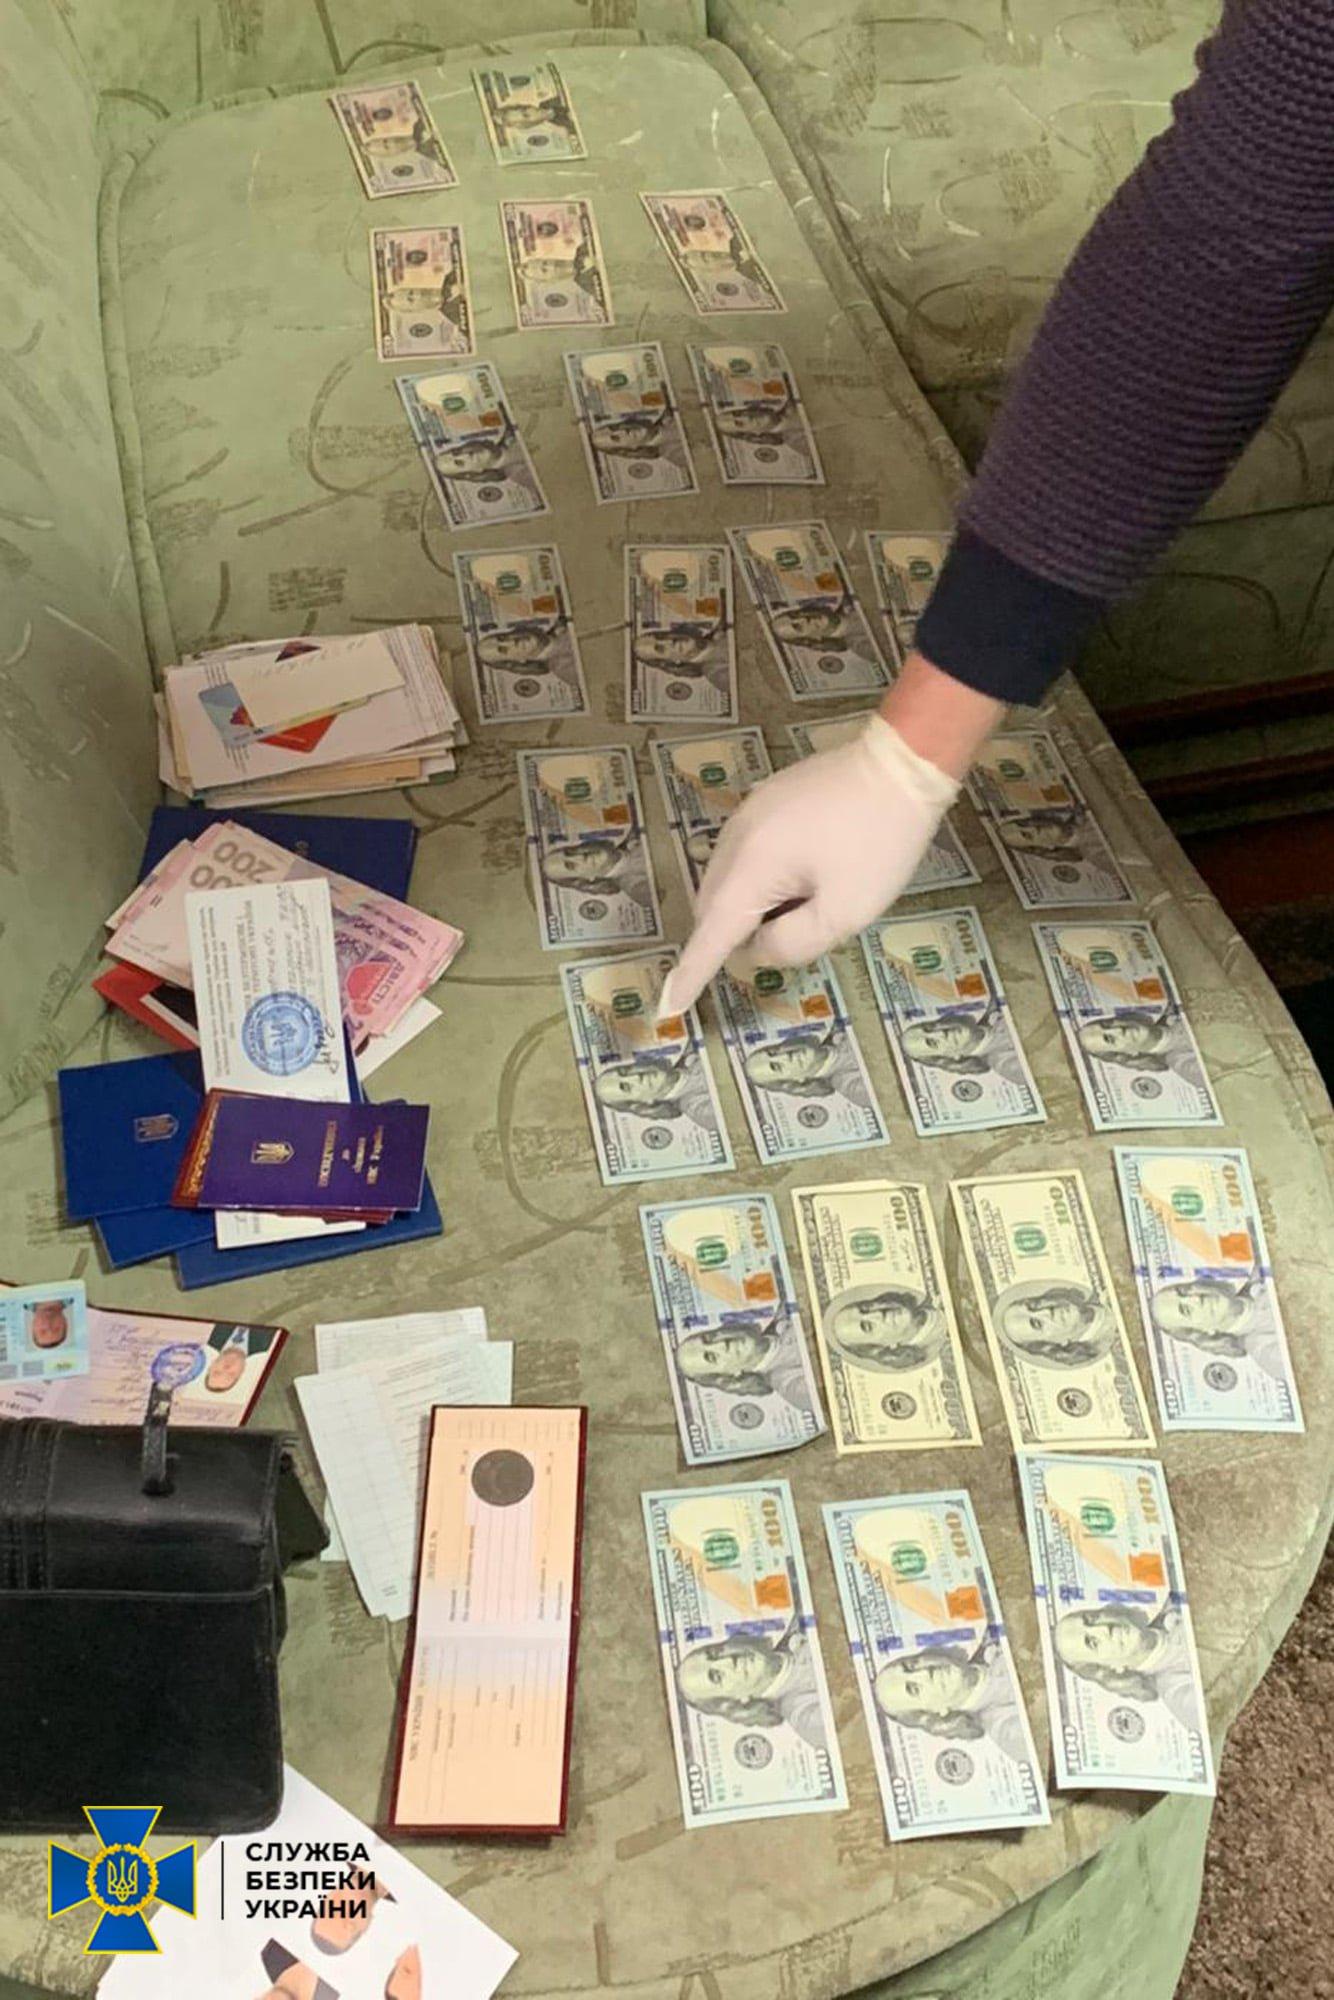 У Рівненській області майора поліції підозрюють у хабарництві, фото-1